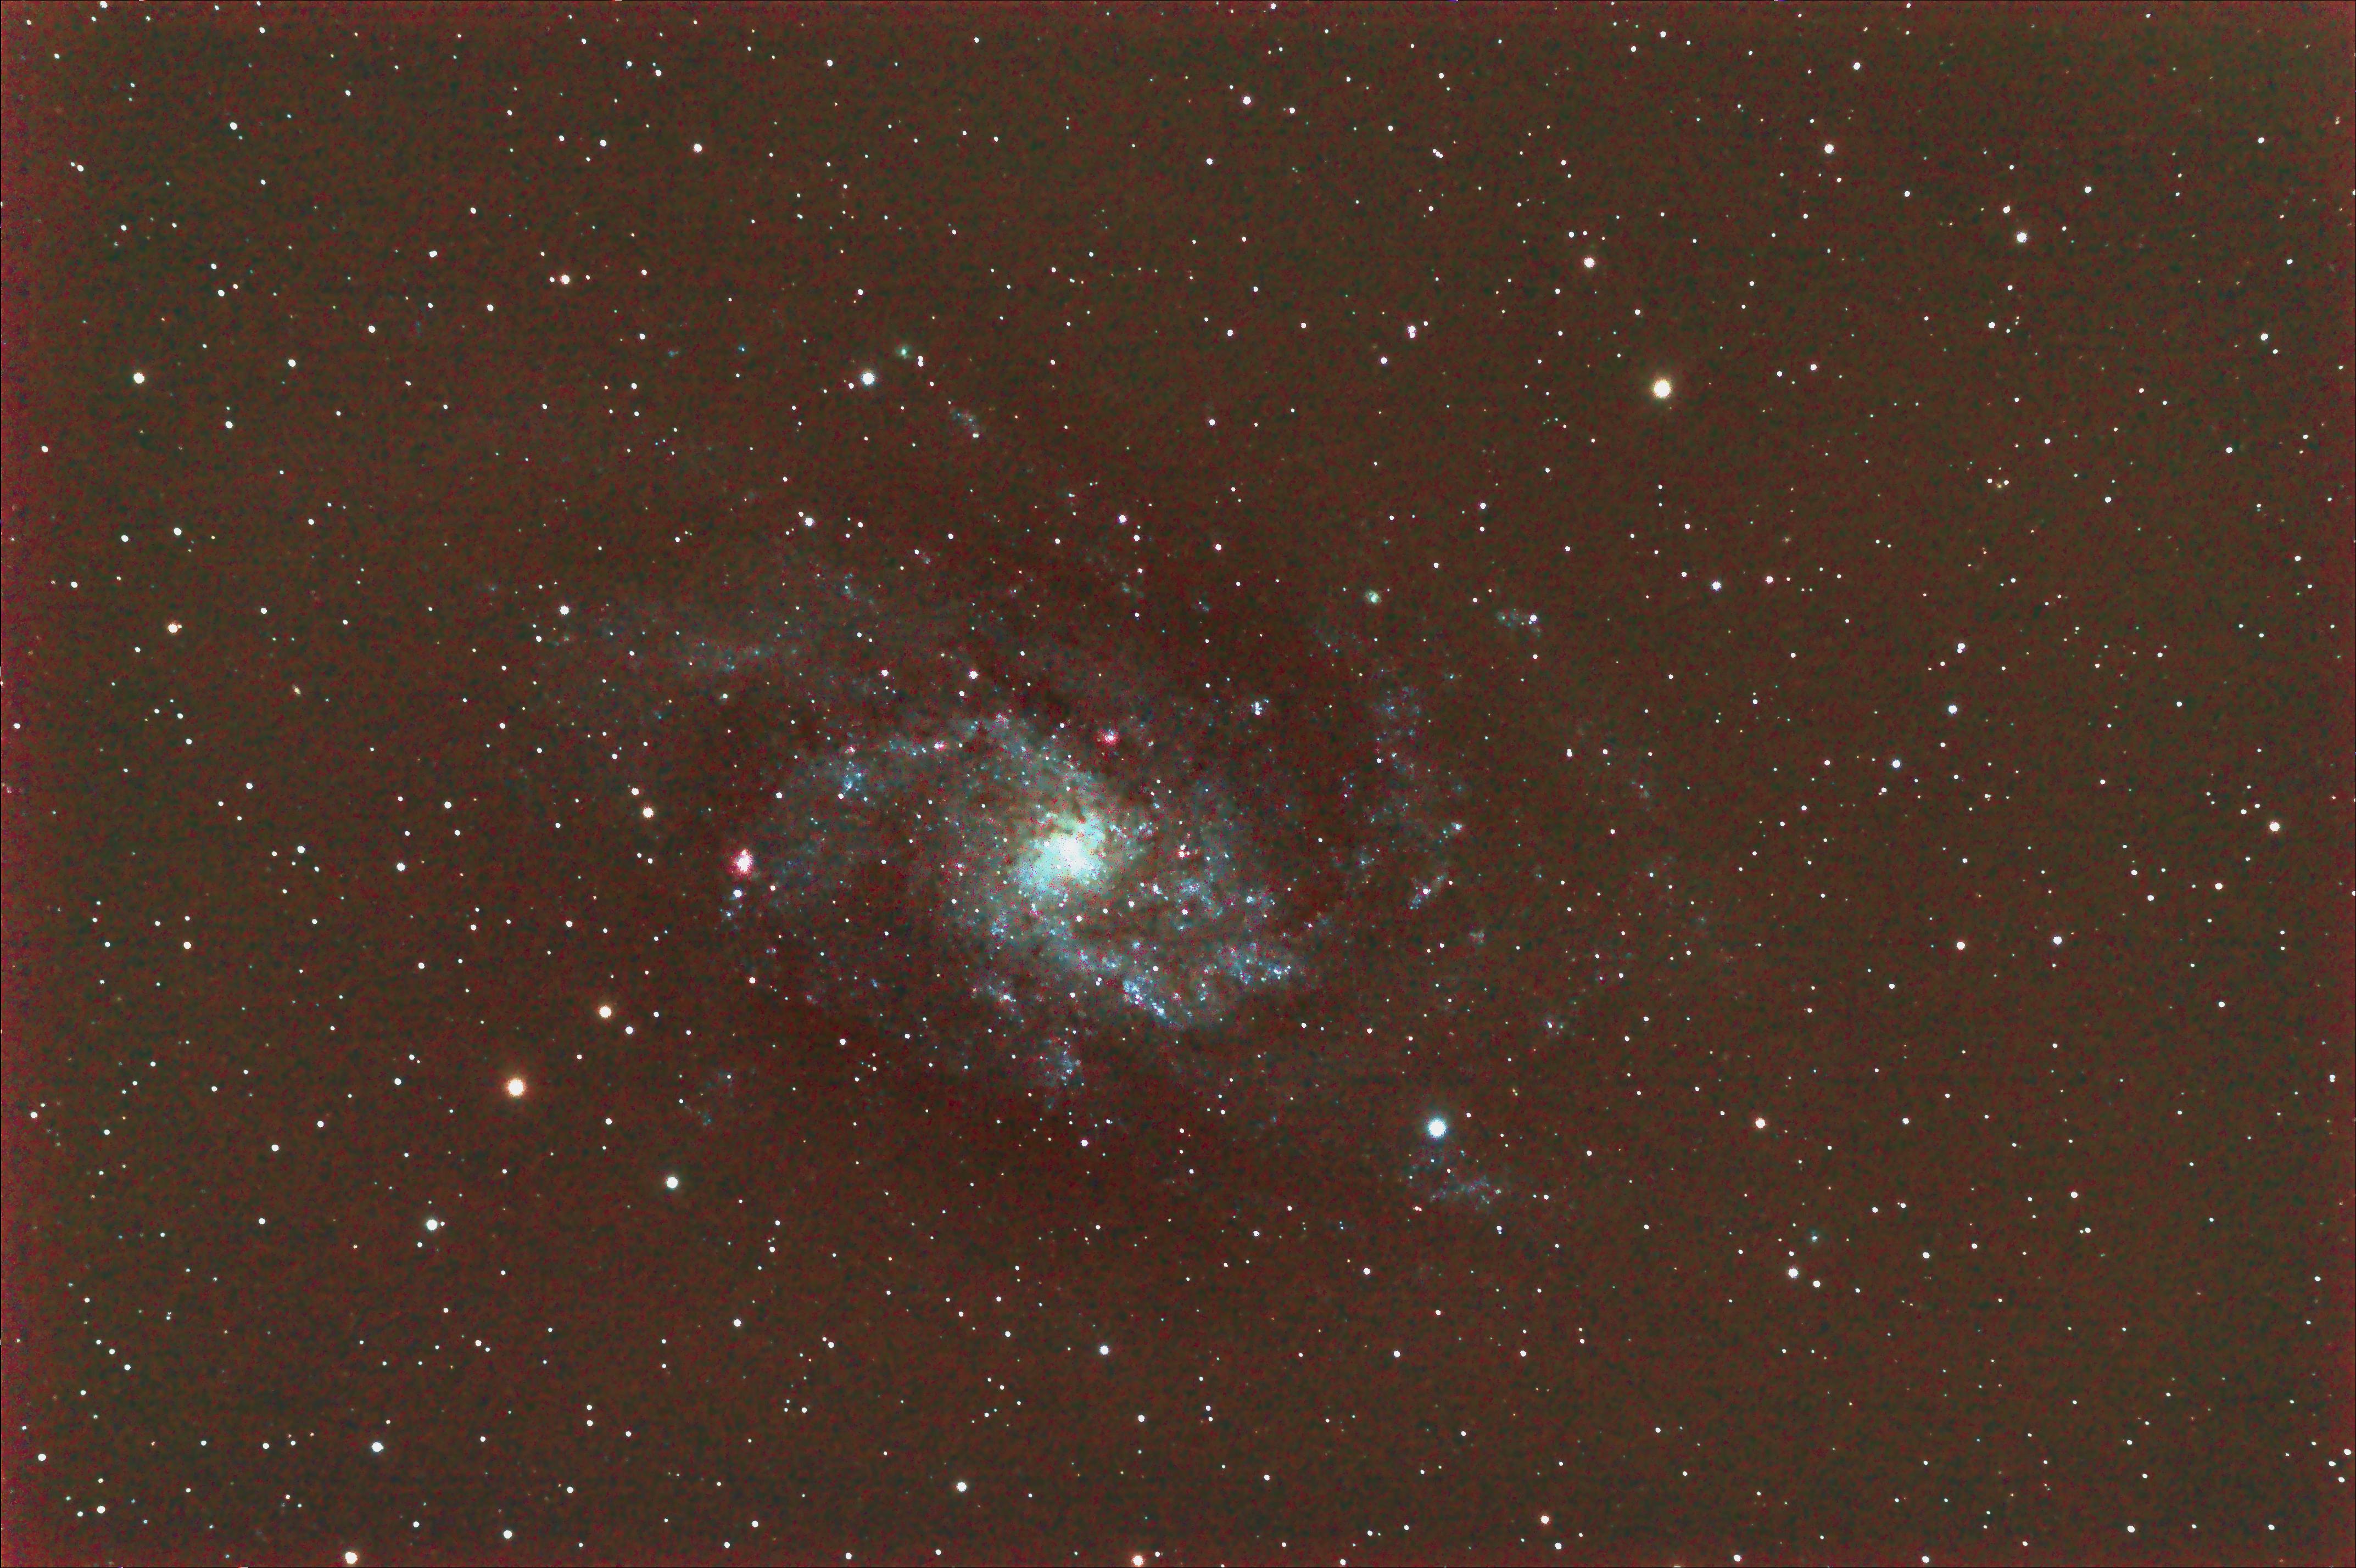 FITS M33 16 bit-ch final 2